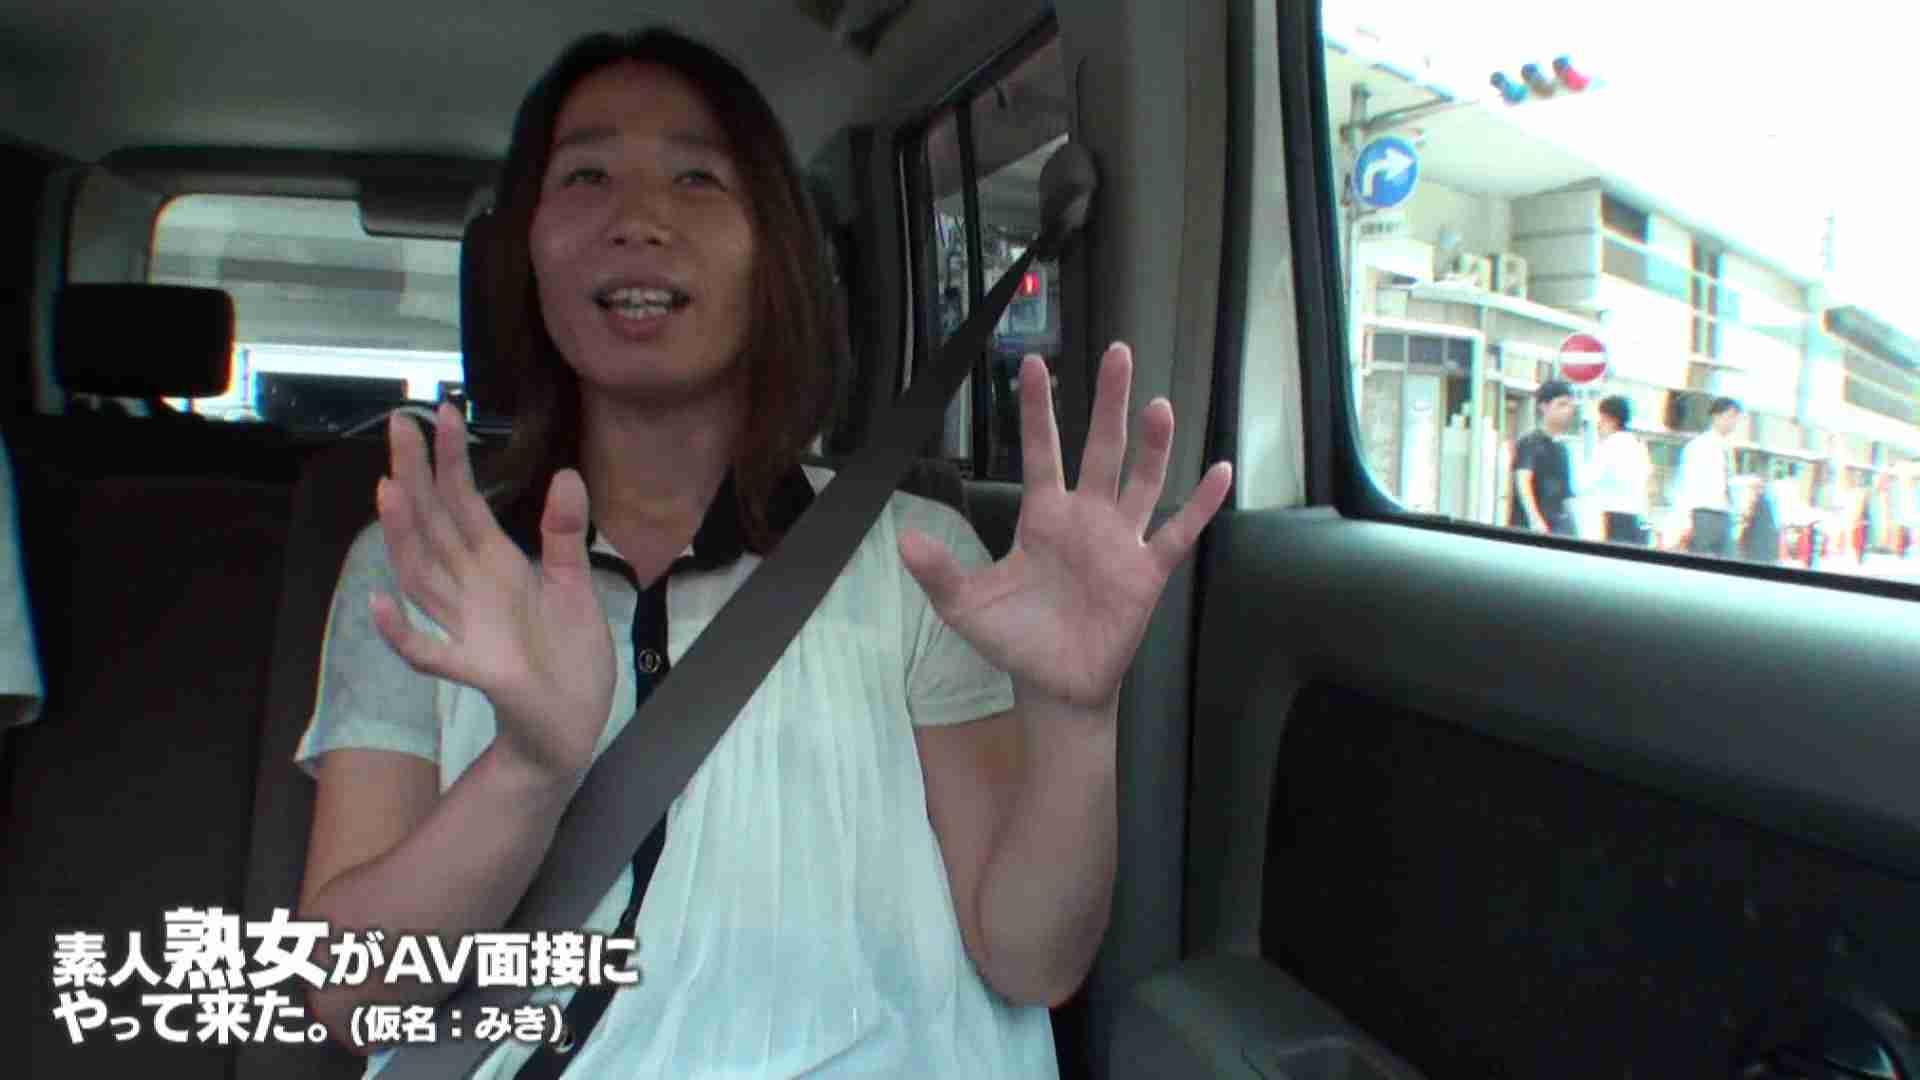 素人熟女がAV面接にやってきた (熟女)みきさんVOL.01 熟女丸裸 AV無料動画キャプチャ 86pic 39